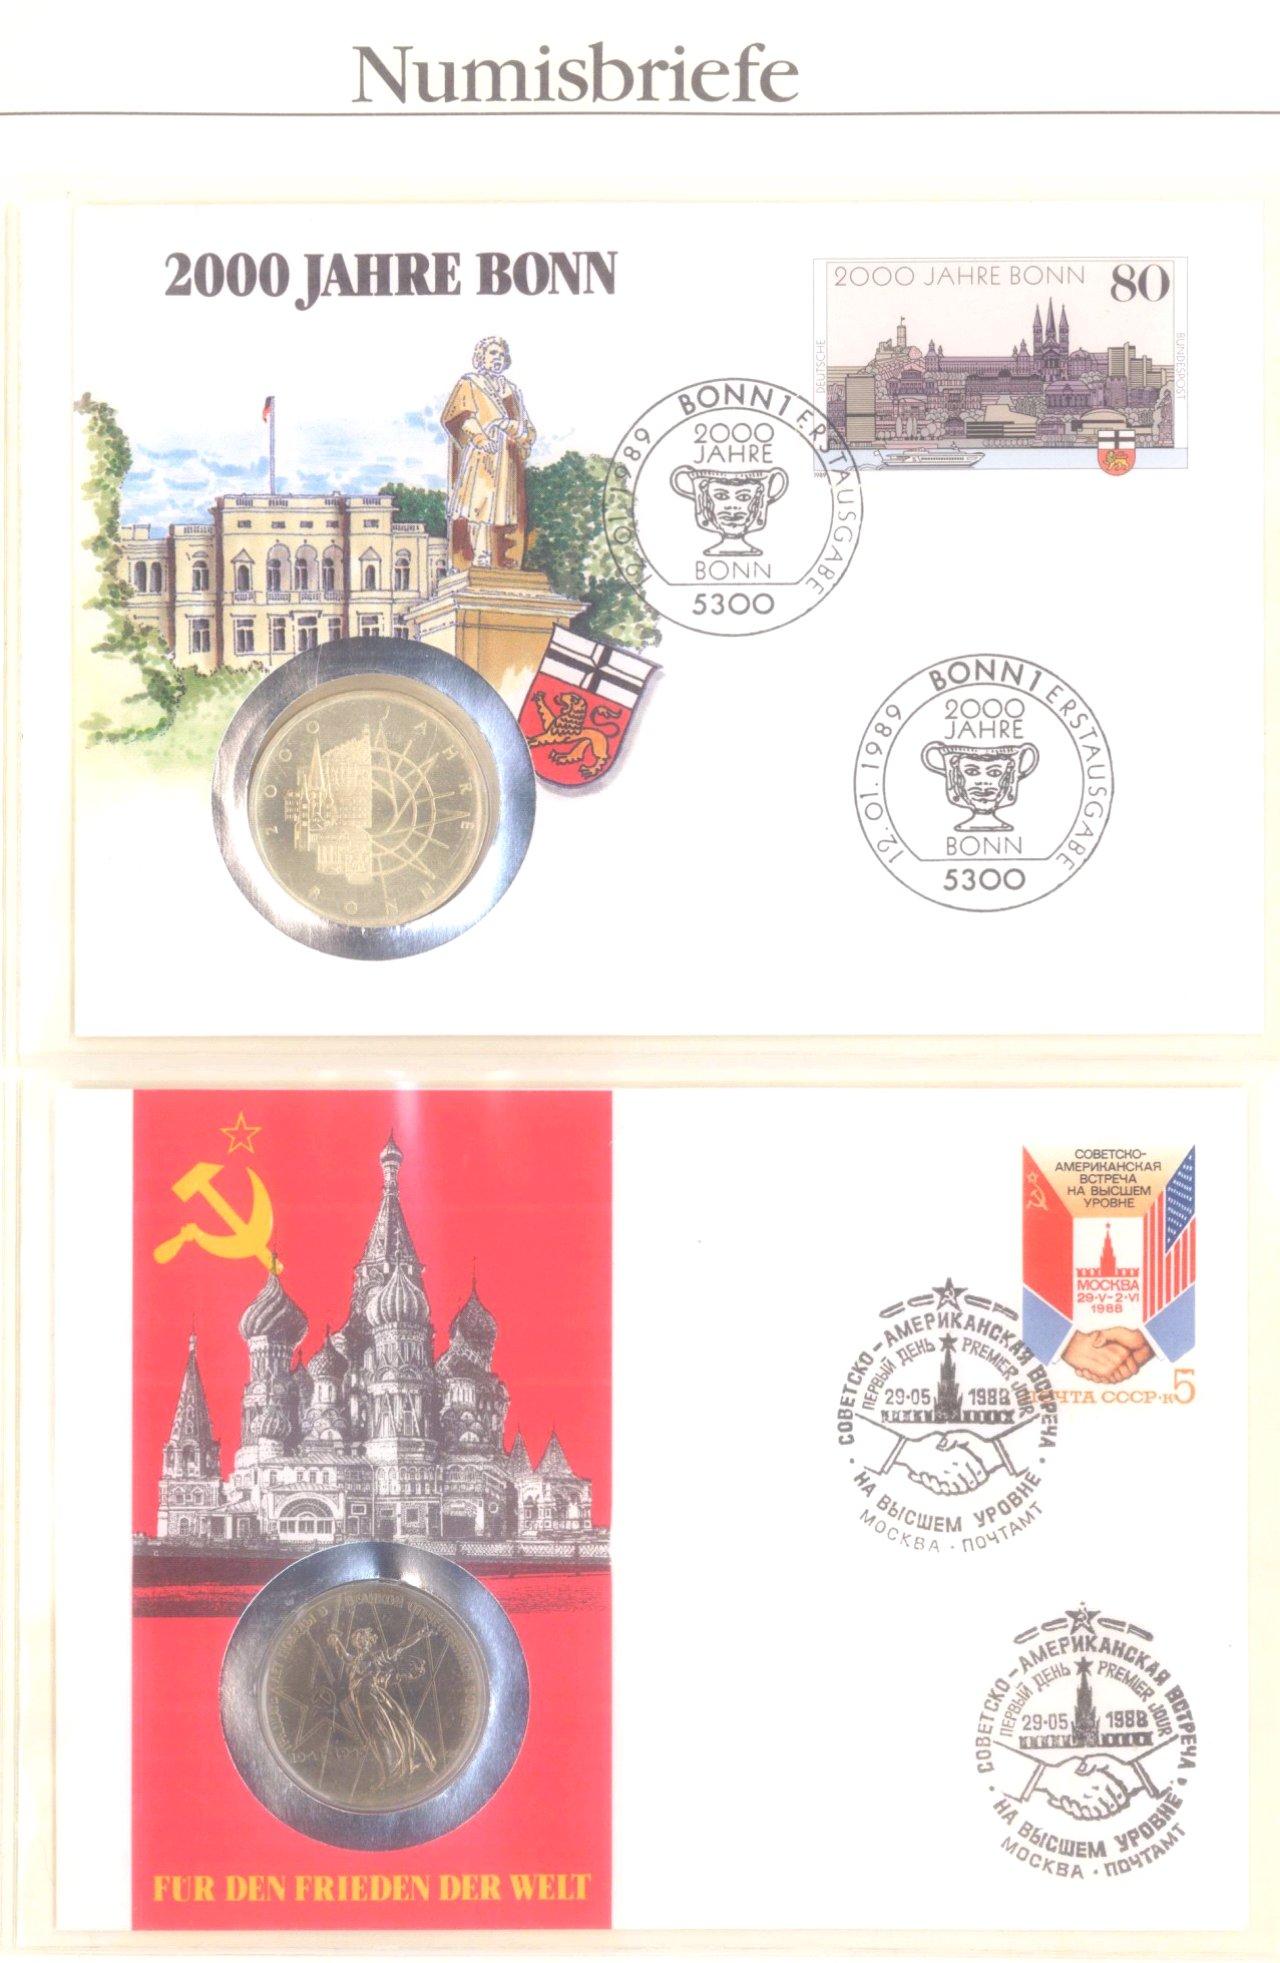 Sammlung Numisbriefe-16